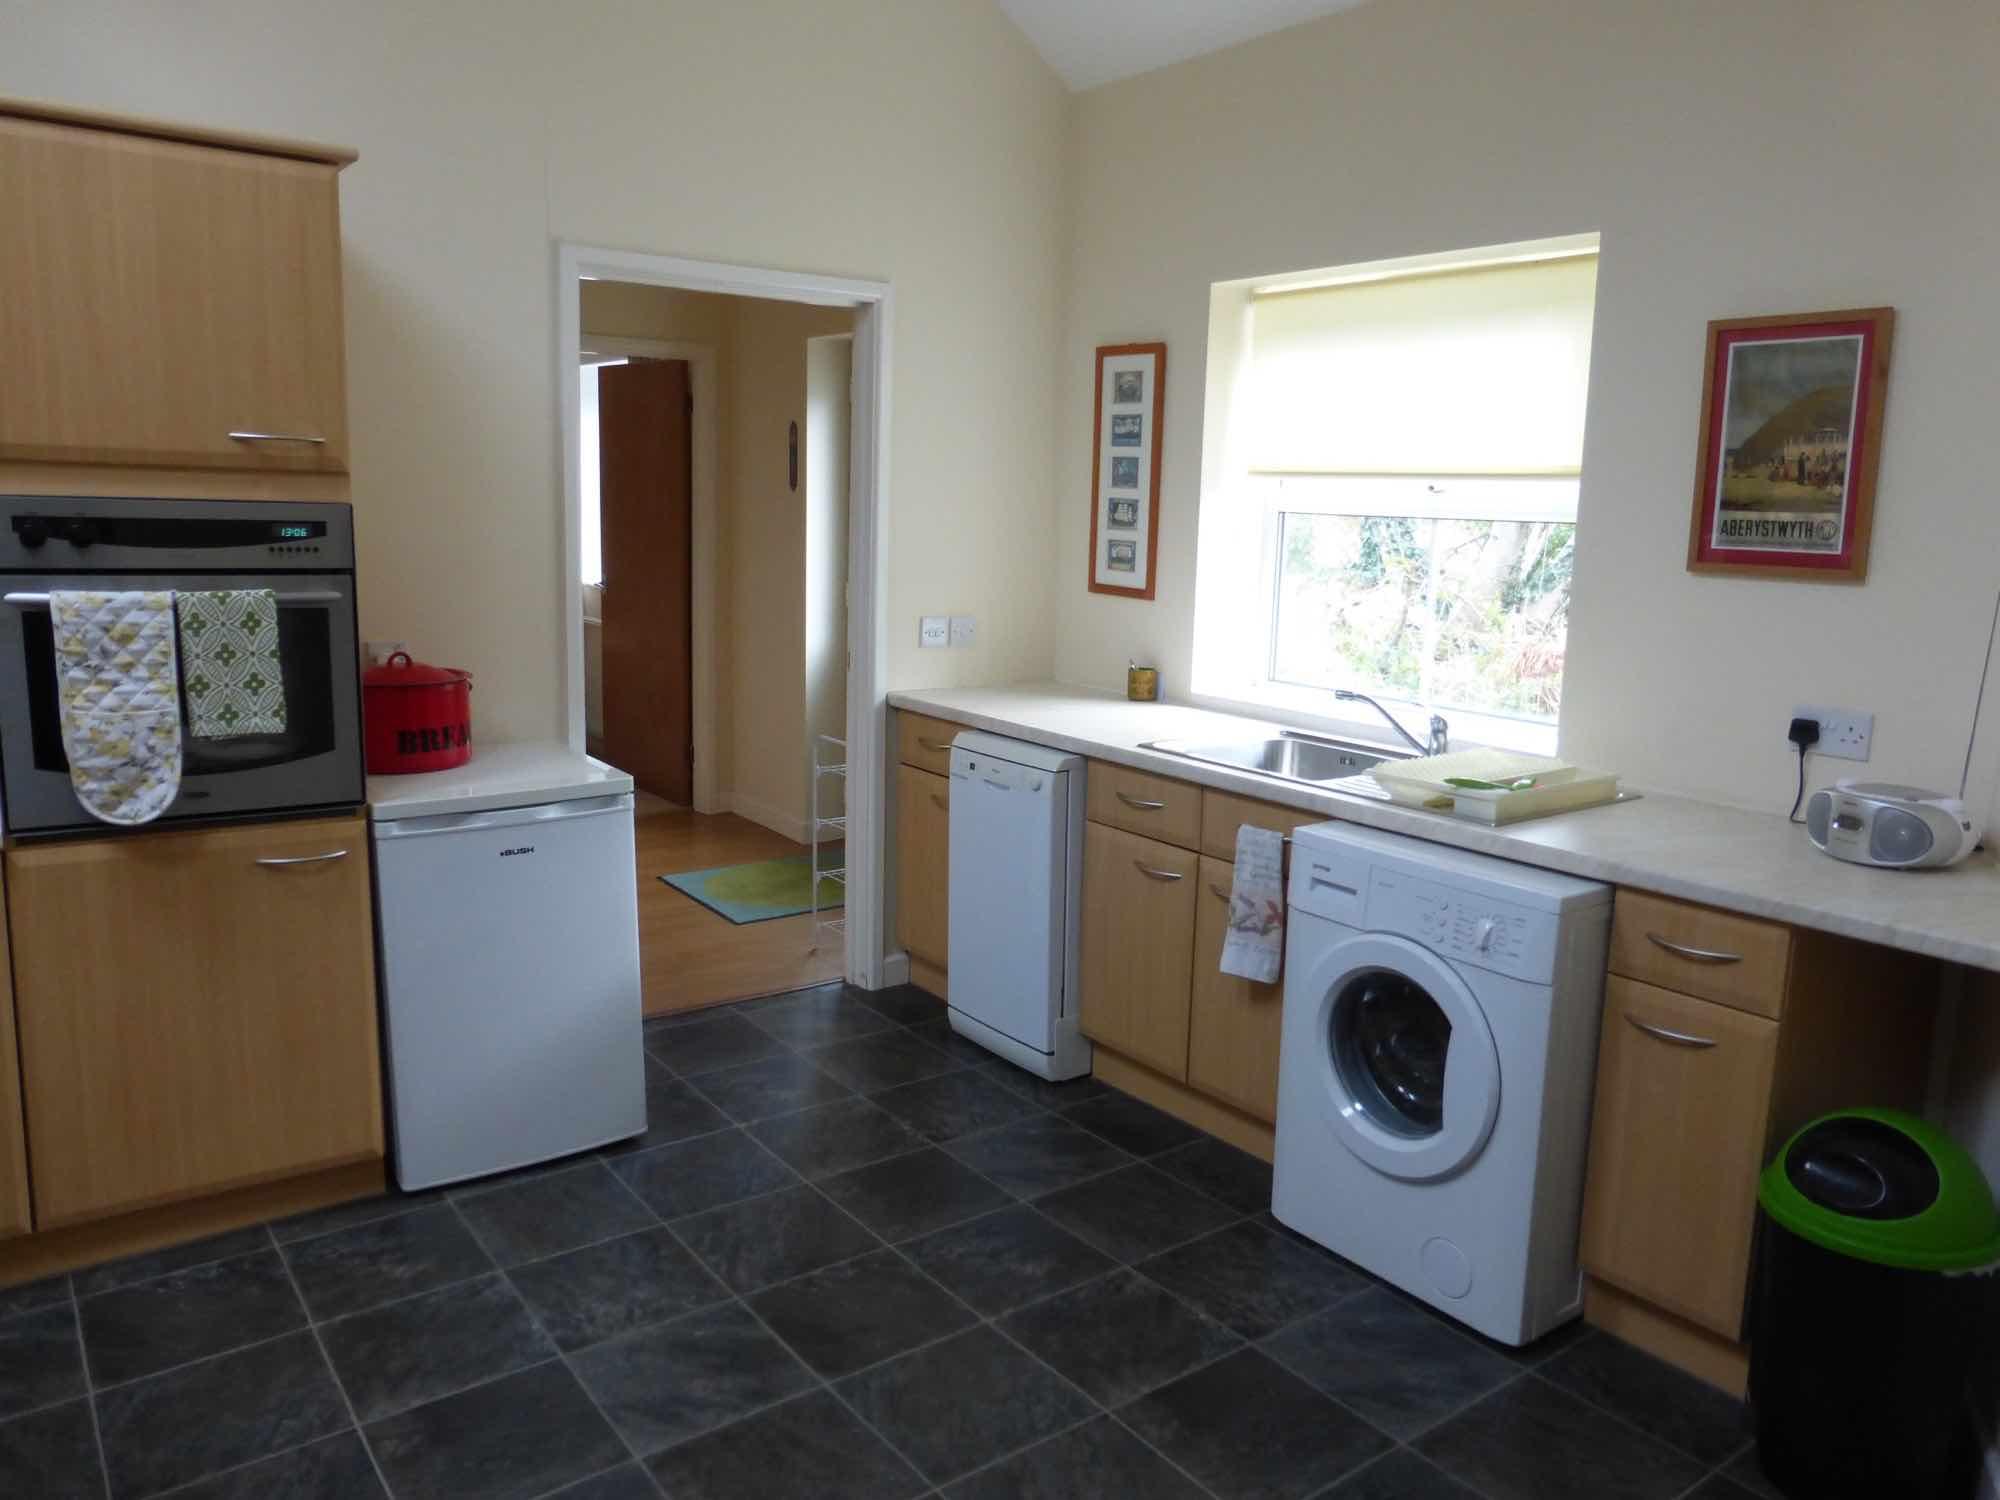 Washing machine, dishwasher, and fridge